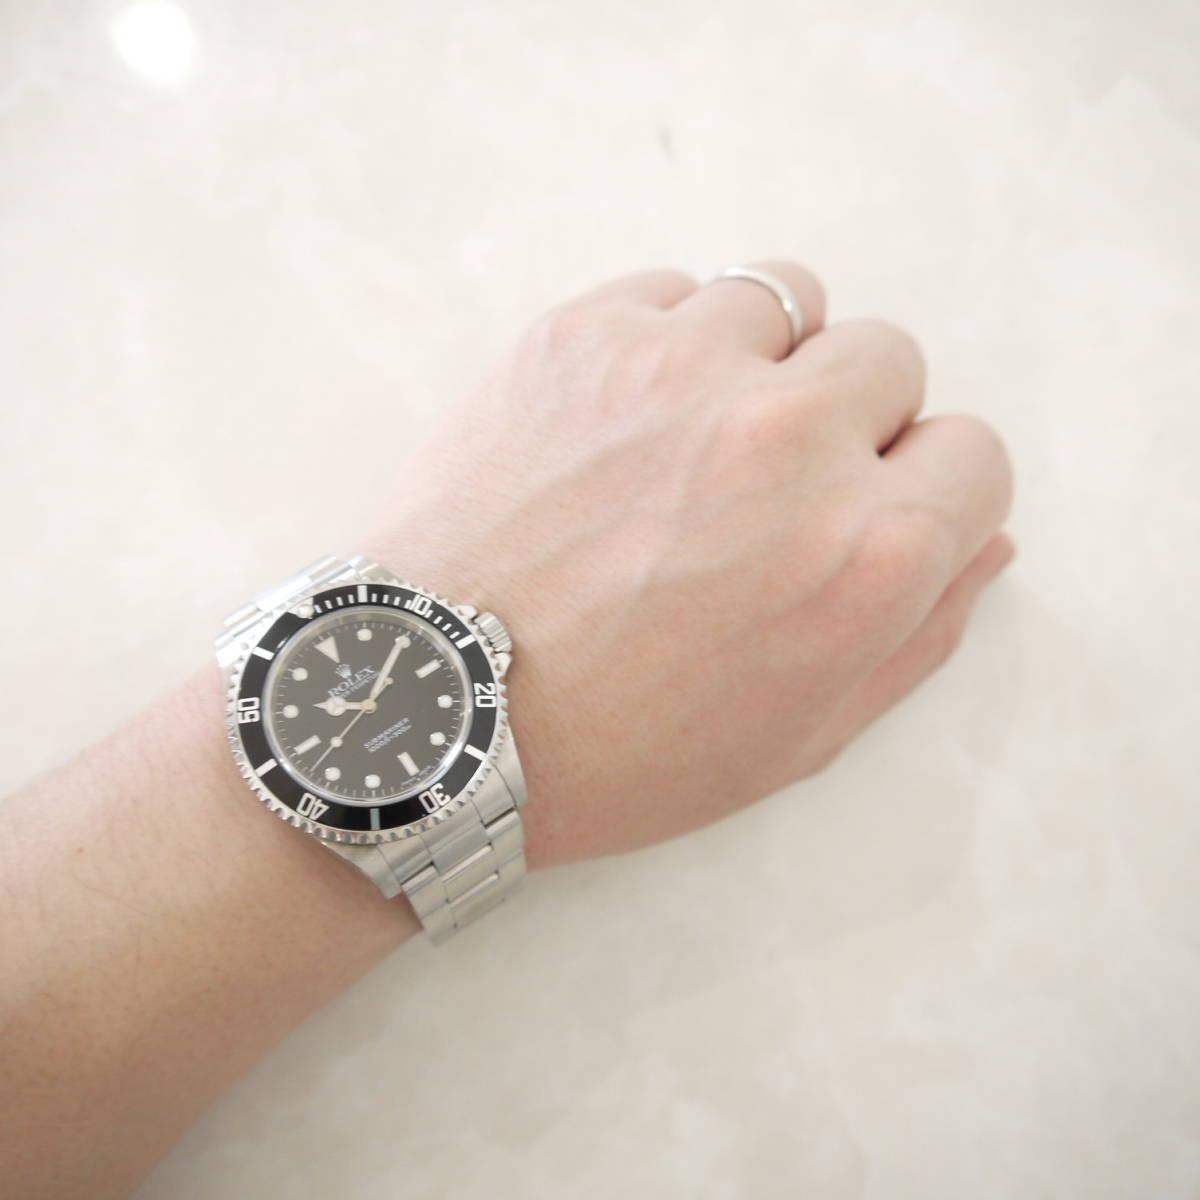 早い者勝ち!! 100%正規品 ROLEX ロレックス サブマリーナ メンズ 自動巻き 腕時計 オートマ 14060M ブラック 黒_画像9